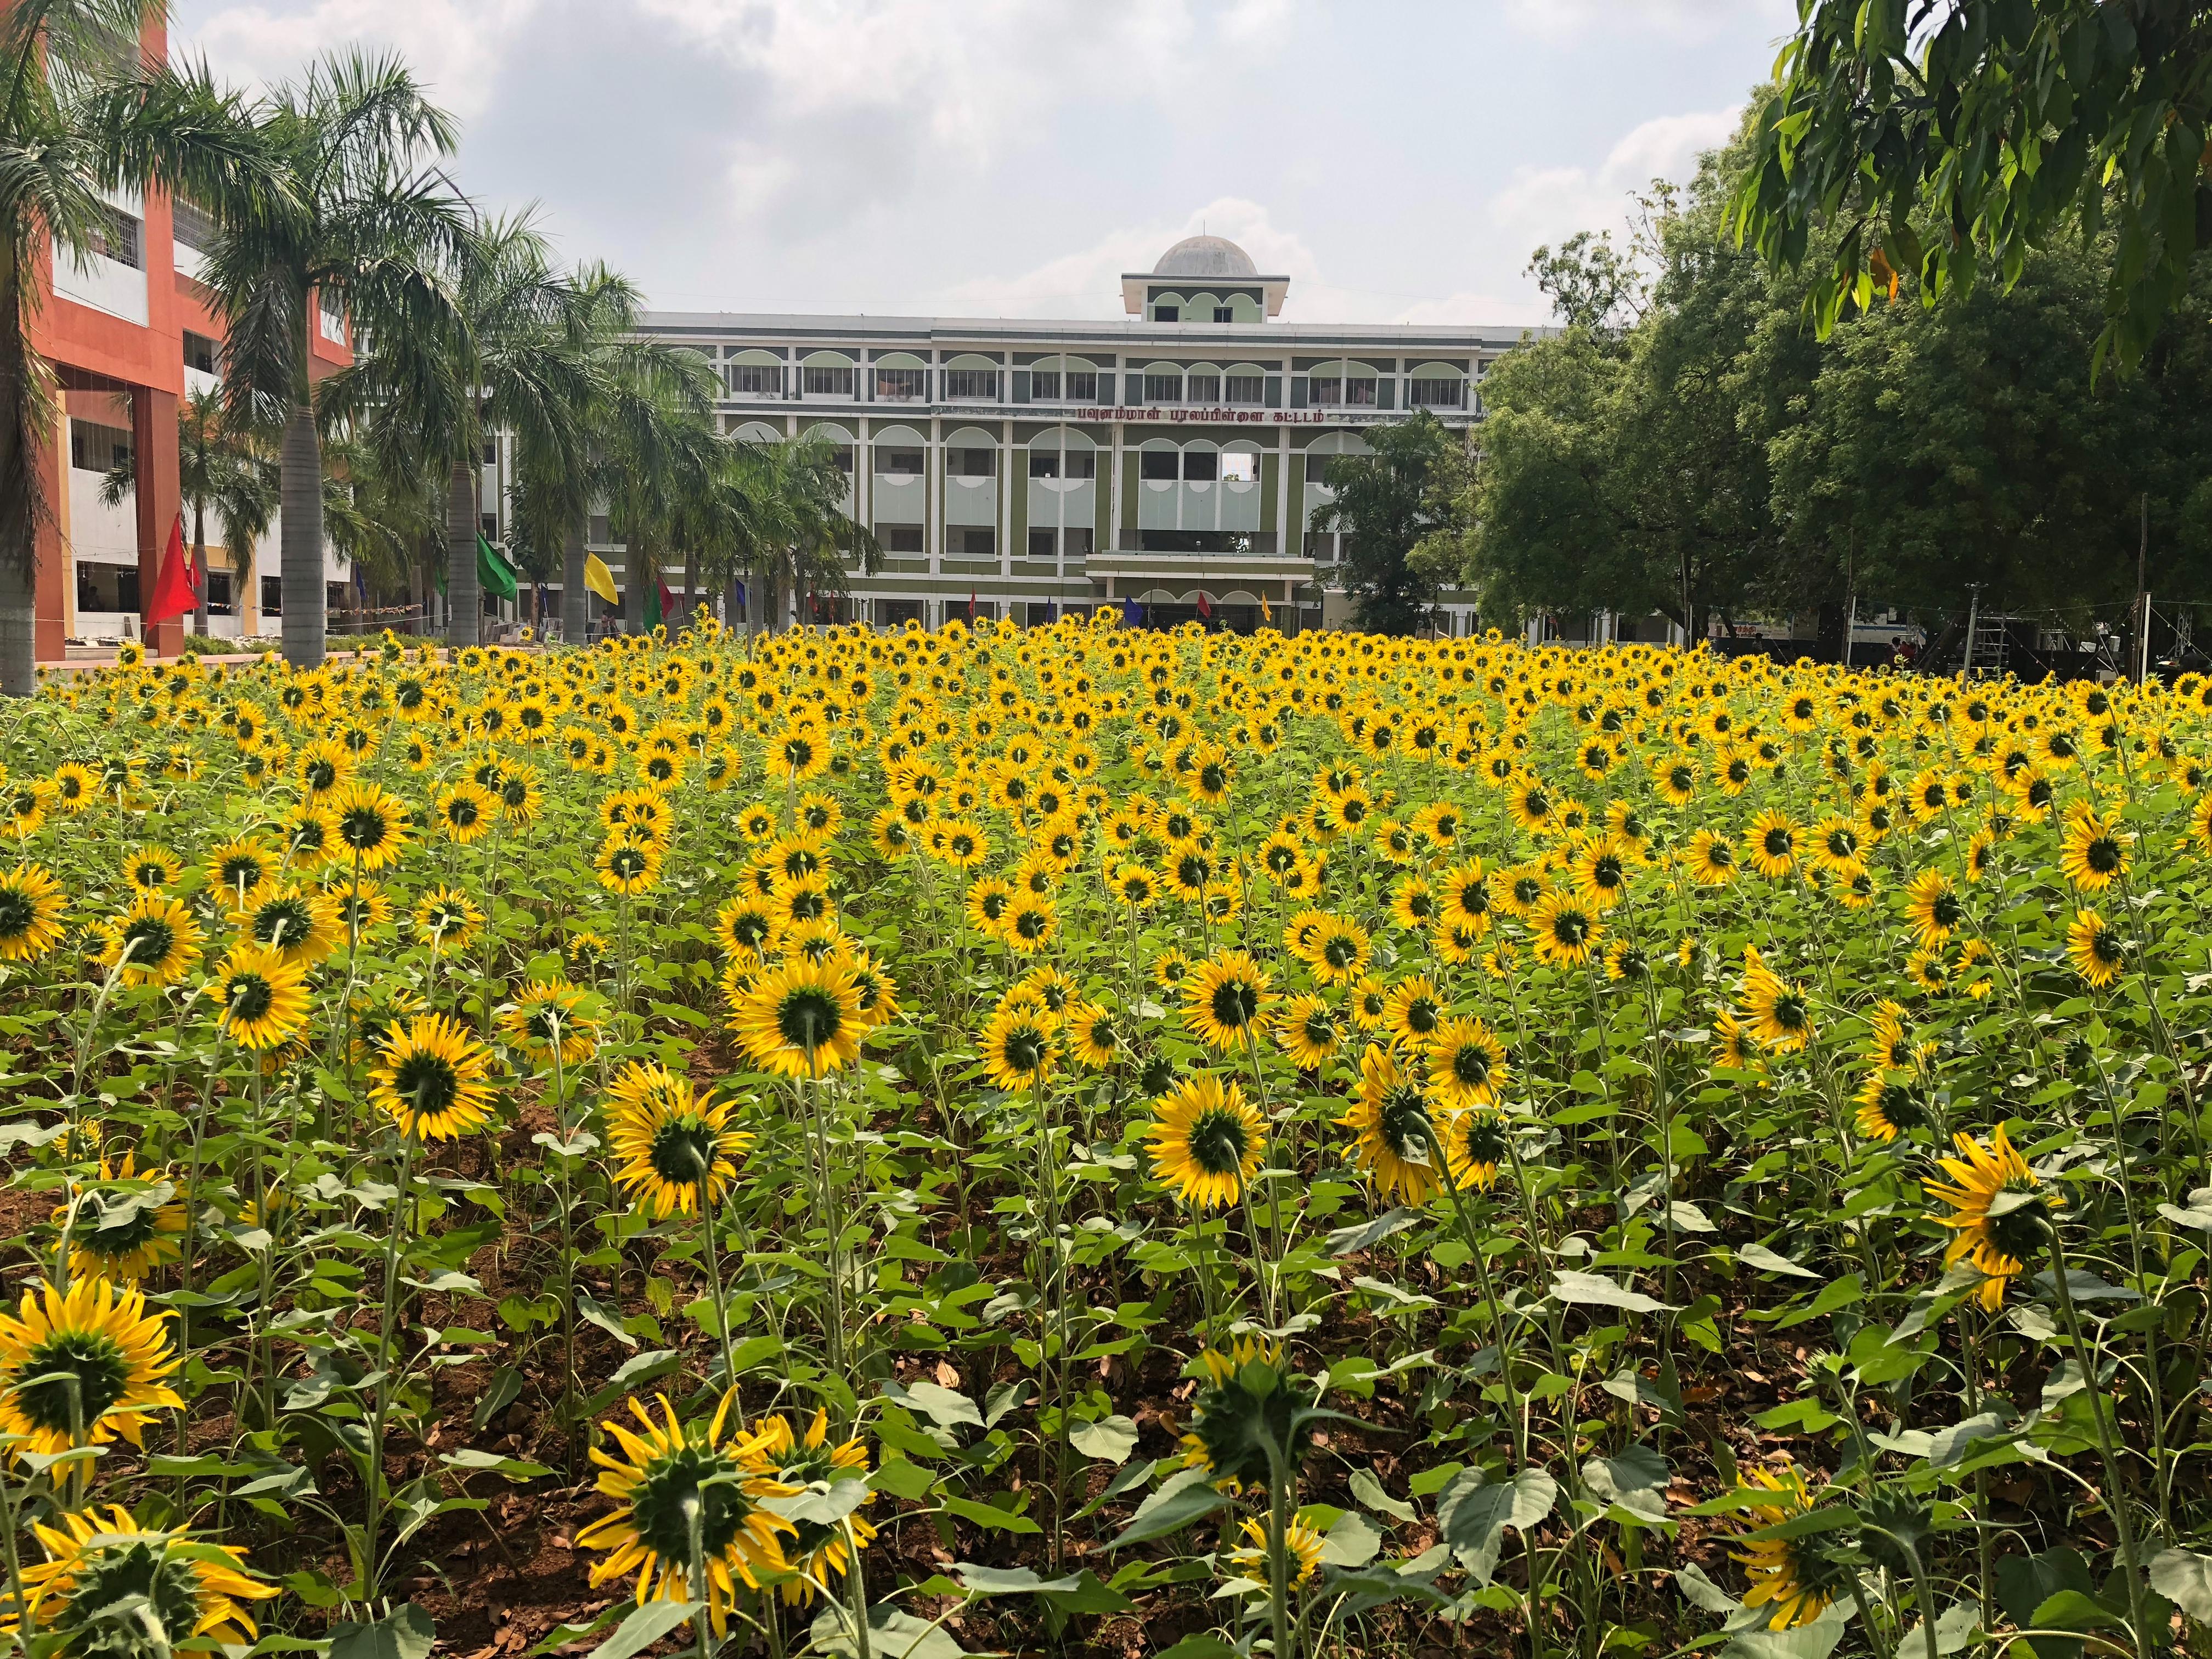 Dhivya College Sunflower Garden